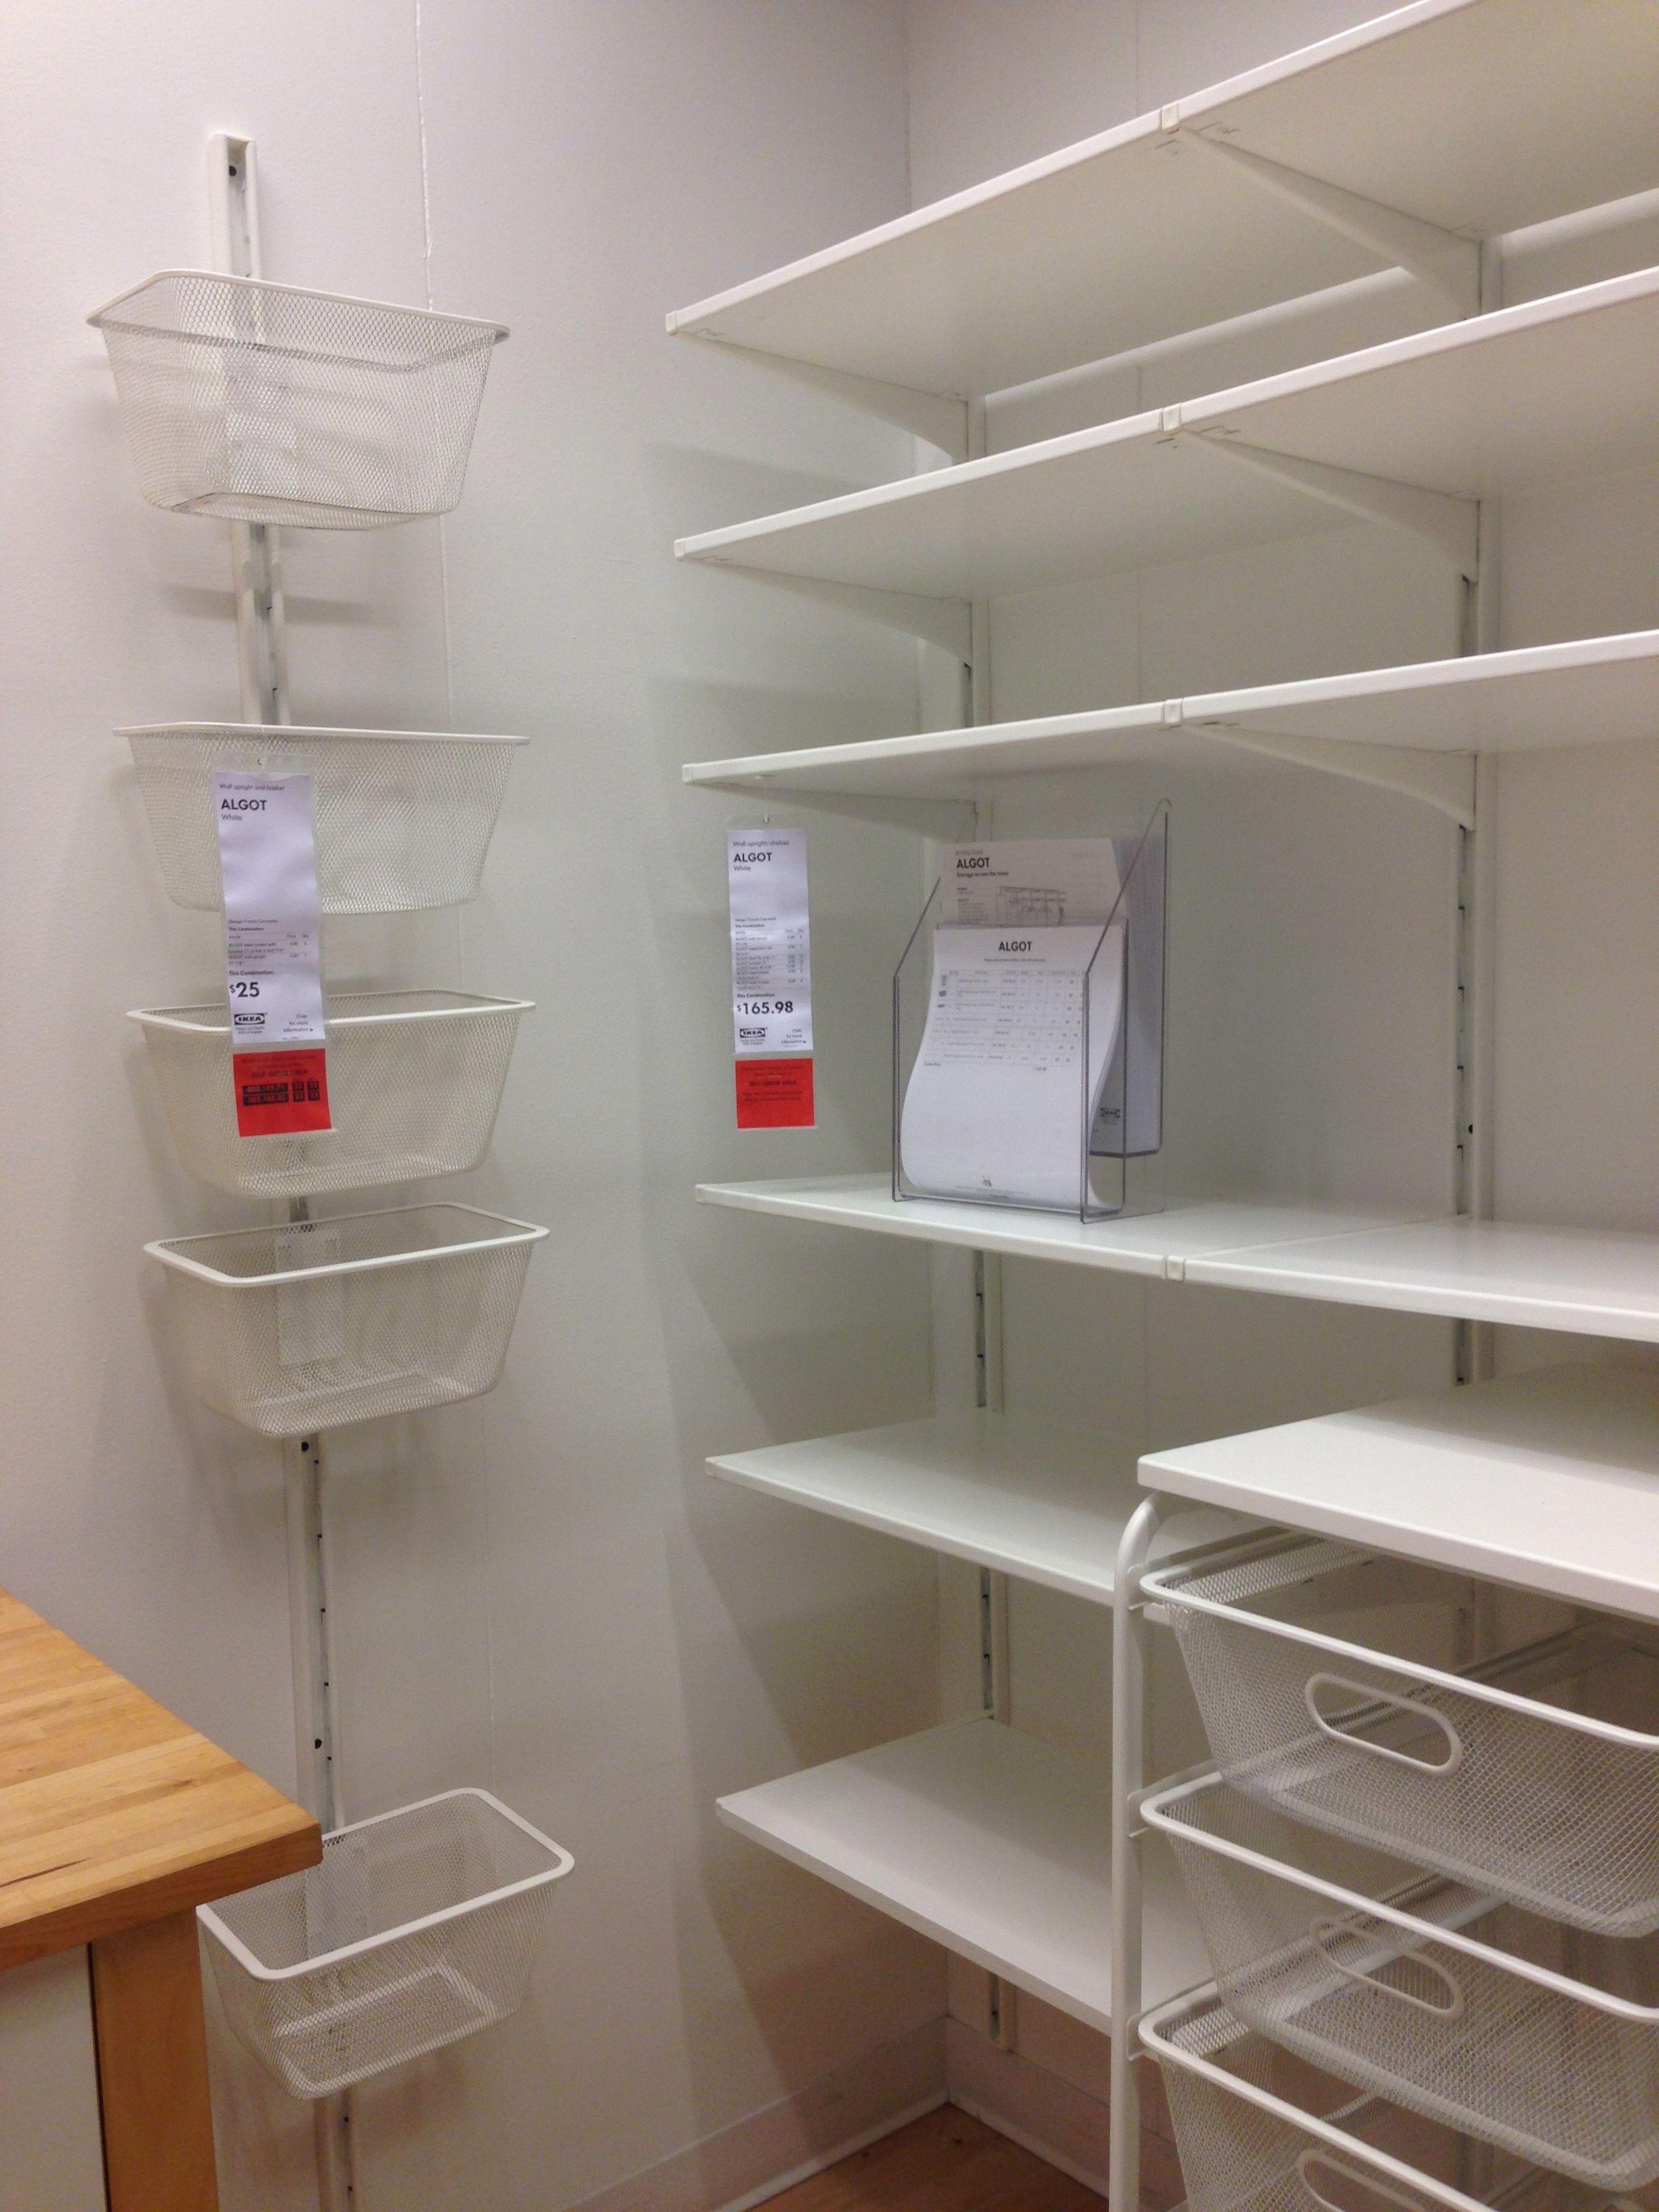 algot pantry organization storage abstellraum pinterest abstellraum abstellkammer und. Black Bedroom Furniture Sets. Home Design Ideas